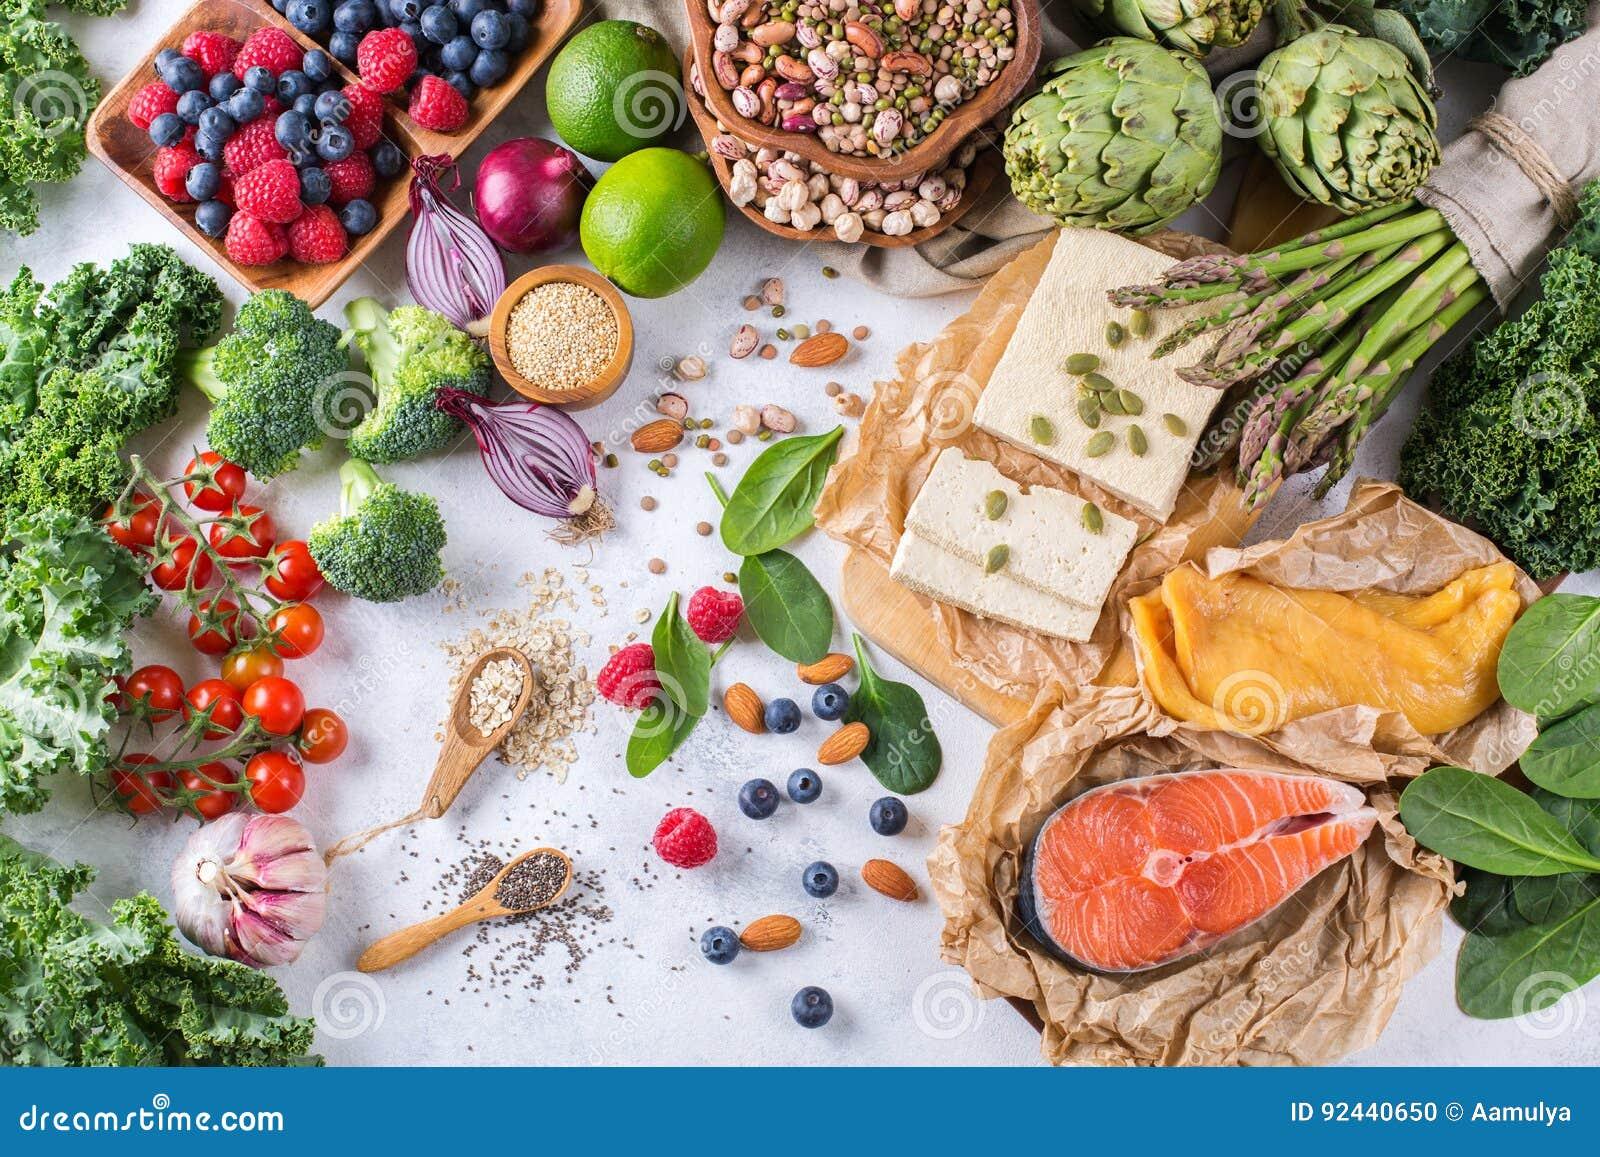 Κατάταξη επιλογής των υγιών ισορροπημένων τροφίμων για την καρδιά, διατροφή